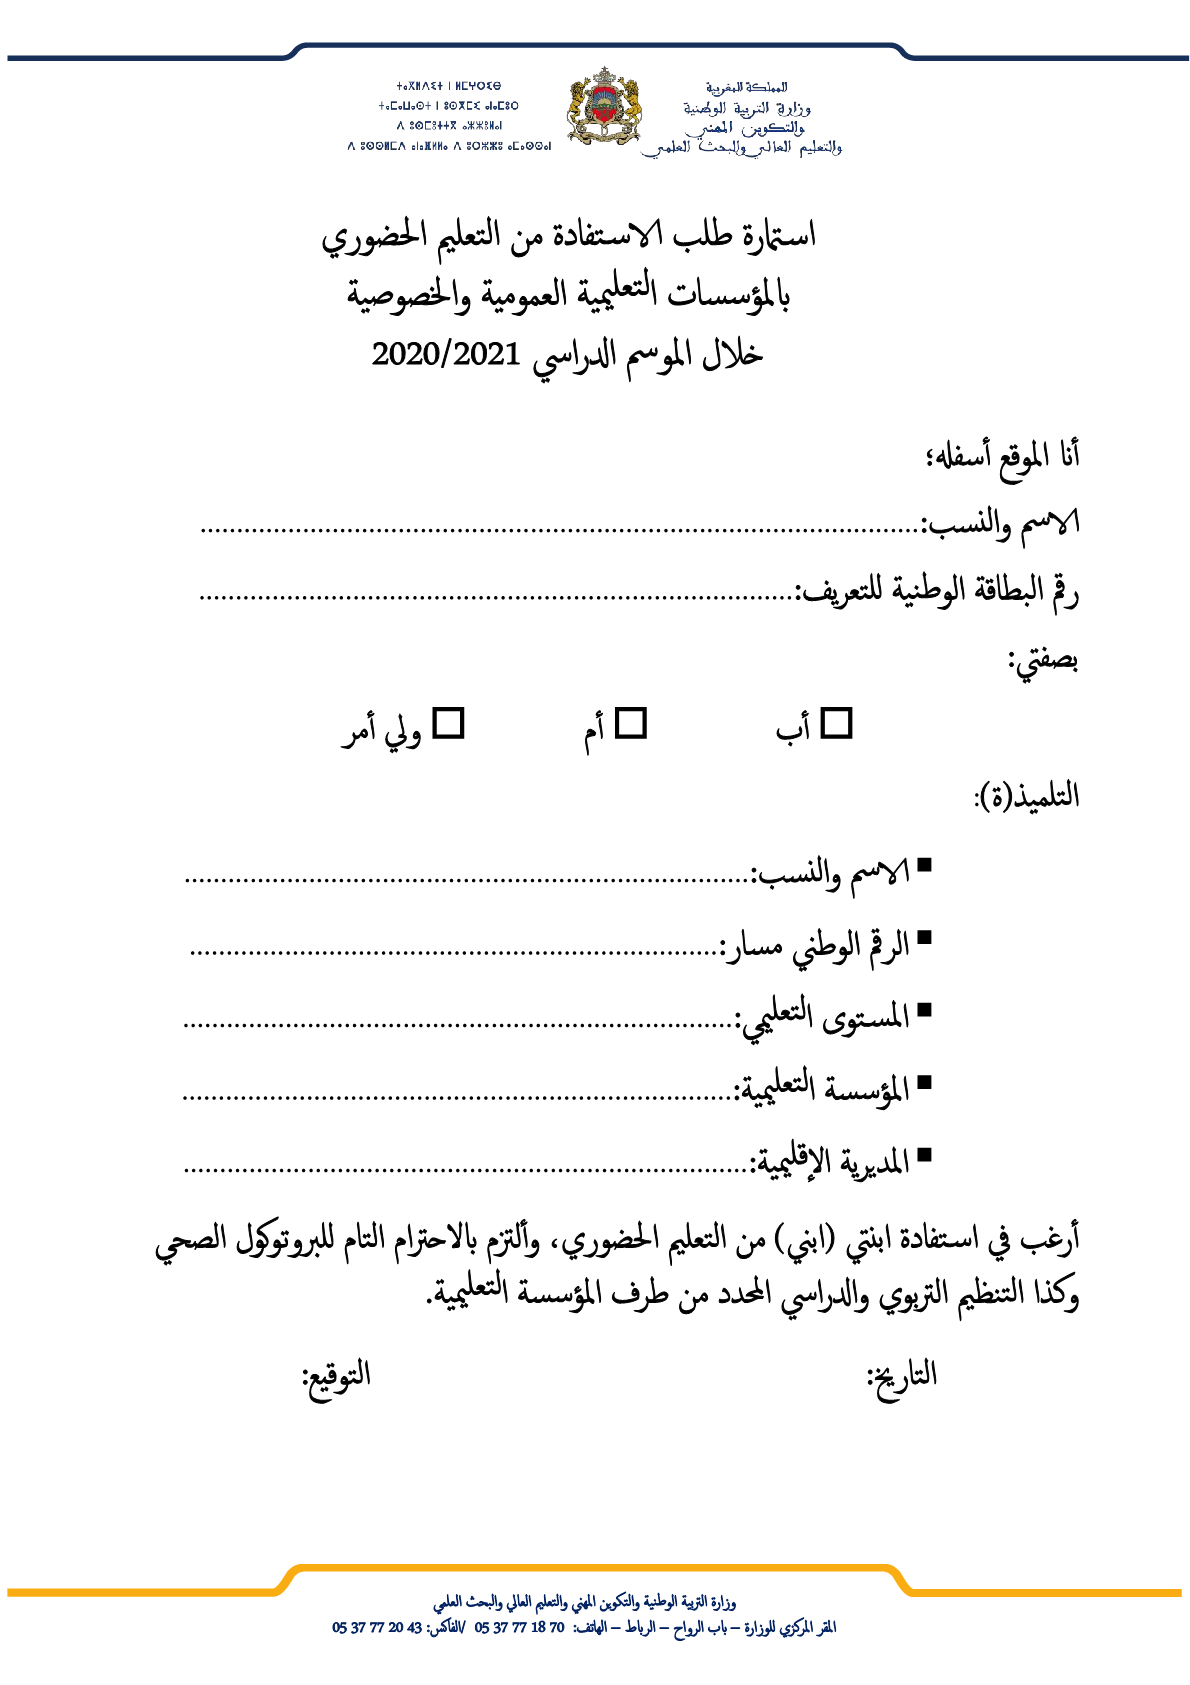 استمارة-طلب-الاستفادة-من-التعليم-الحضوري